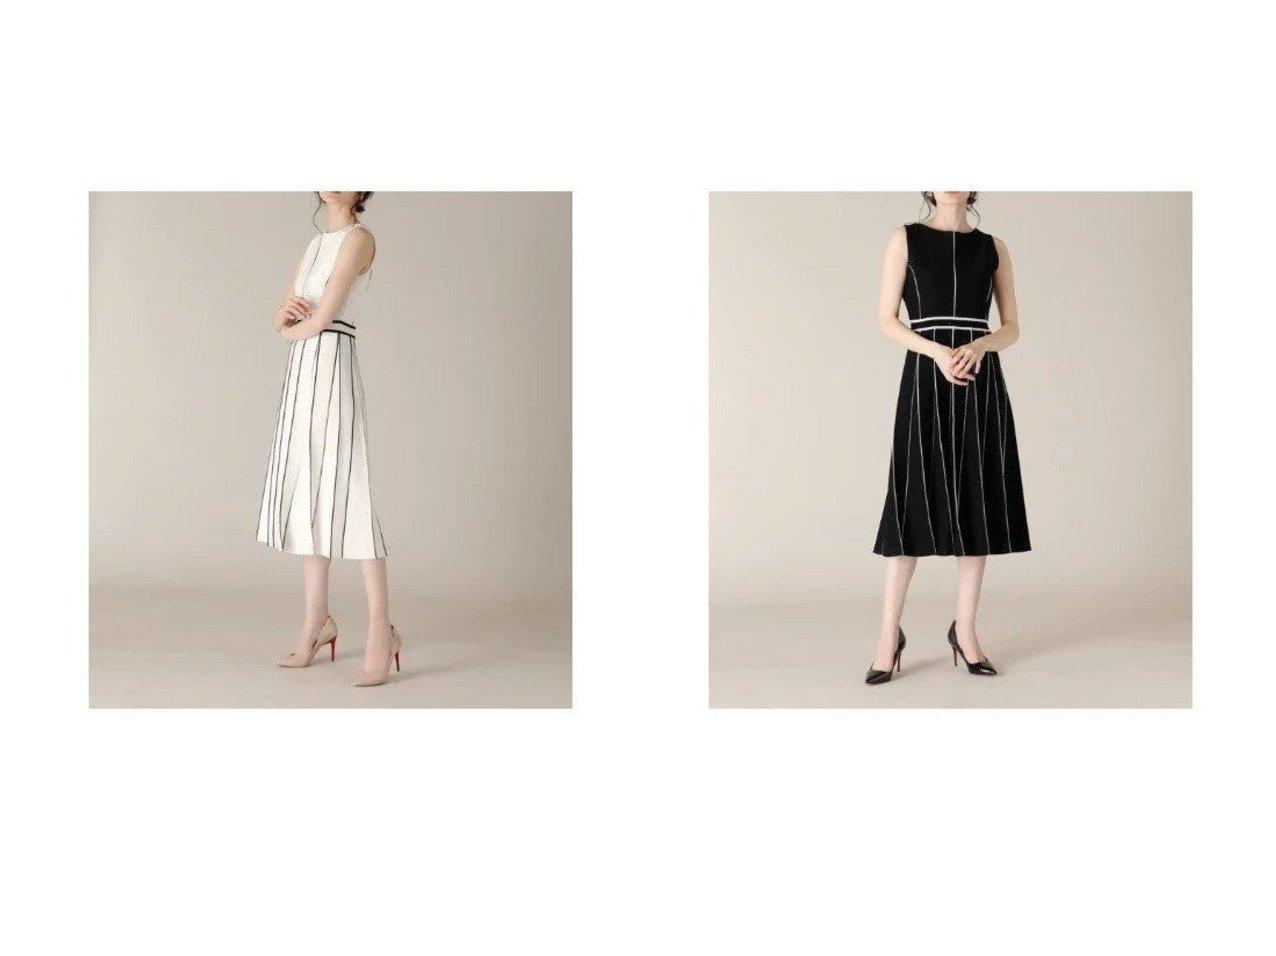 【ef-de/エフデ】の《M Maglie le cassetto》バイカラーニットワンピース ワンピース・ドレスのおすすめ!人気、トレンド・レディースファッションの通販 おすすめで人気の流行・トレンド、ファッションの通販商品 メンズファッション・キッズファッション・インテリア・家具・レディースファッション・服の通販 founy(ファニー) https://founy.com/ ファッション Fashion レディースファッション WOMEN ワンピース Dress ニットワンピース Knit Dresses おすすめ Recommend カーディガン ストレッチ セットアップ ノースリーブ 定番 Standard |ID:crp329100000024614